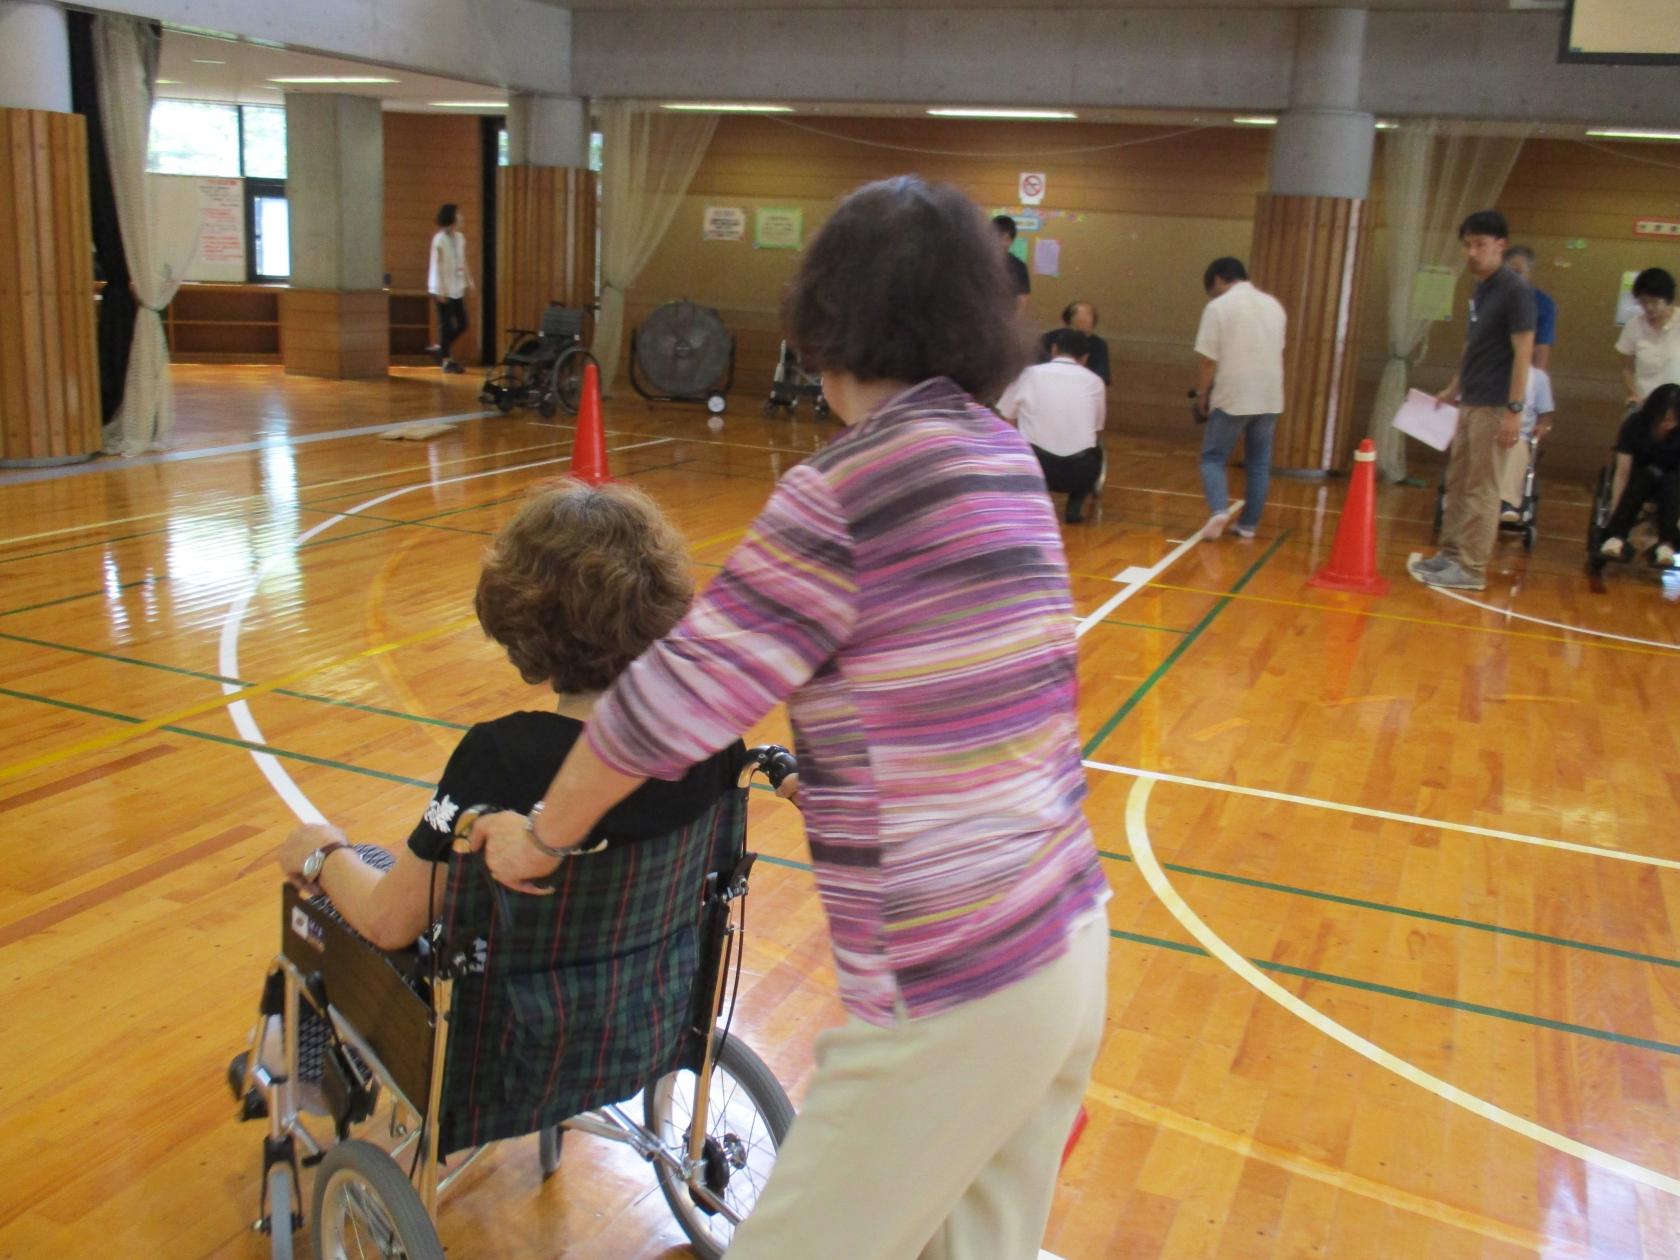 藤沢障がい者生活支援センターから「バリアフリー体験教室」を開催しました。